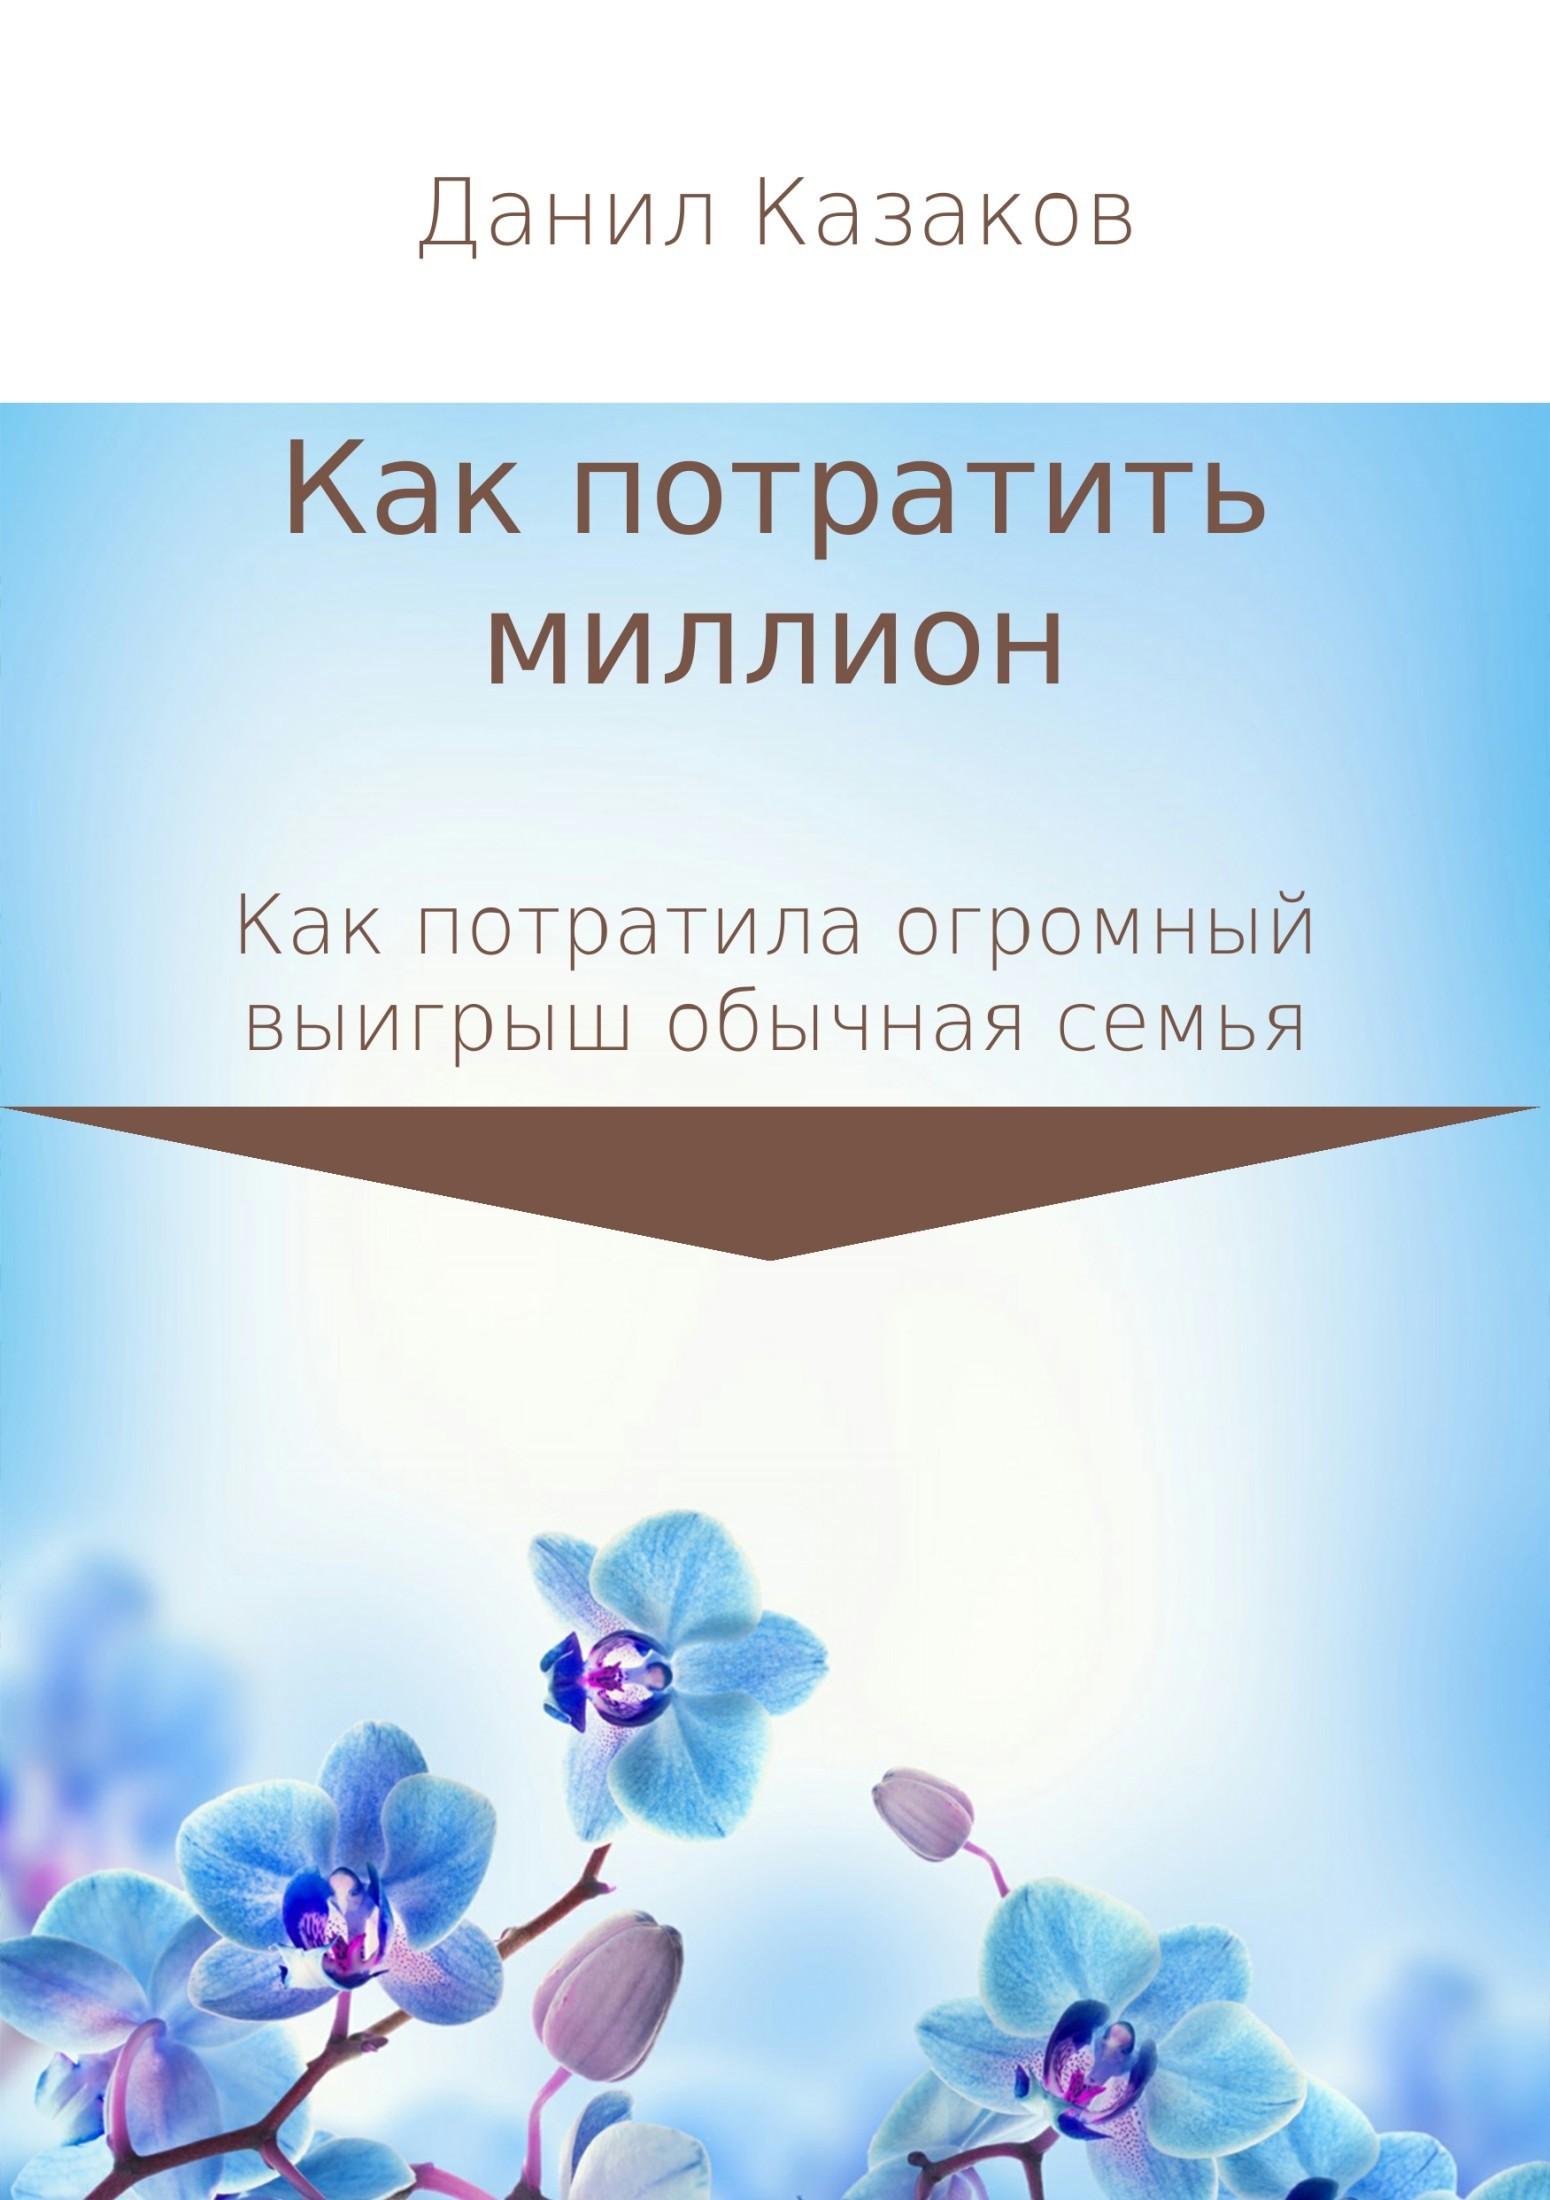 Как потратить миллион рублей